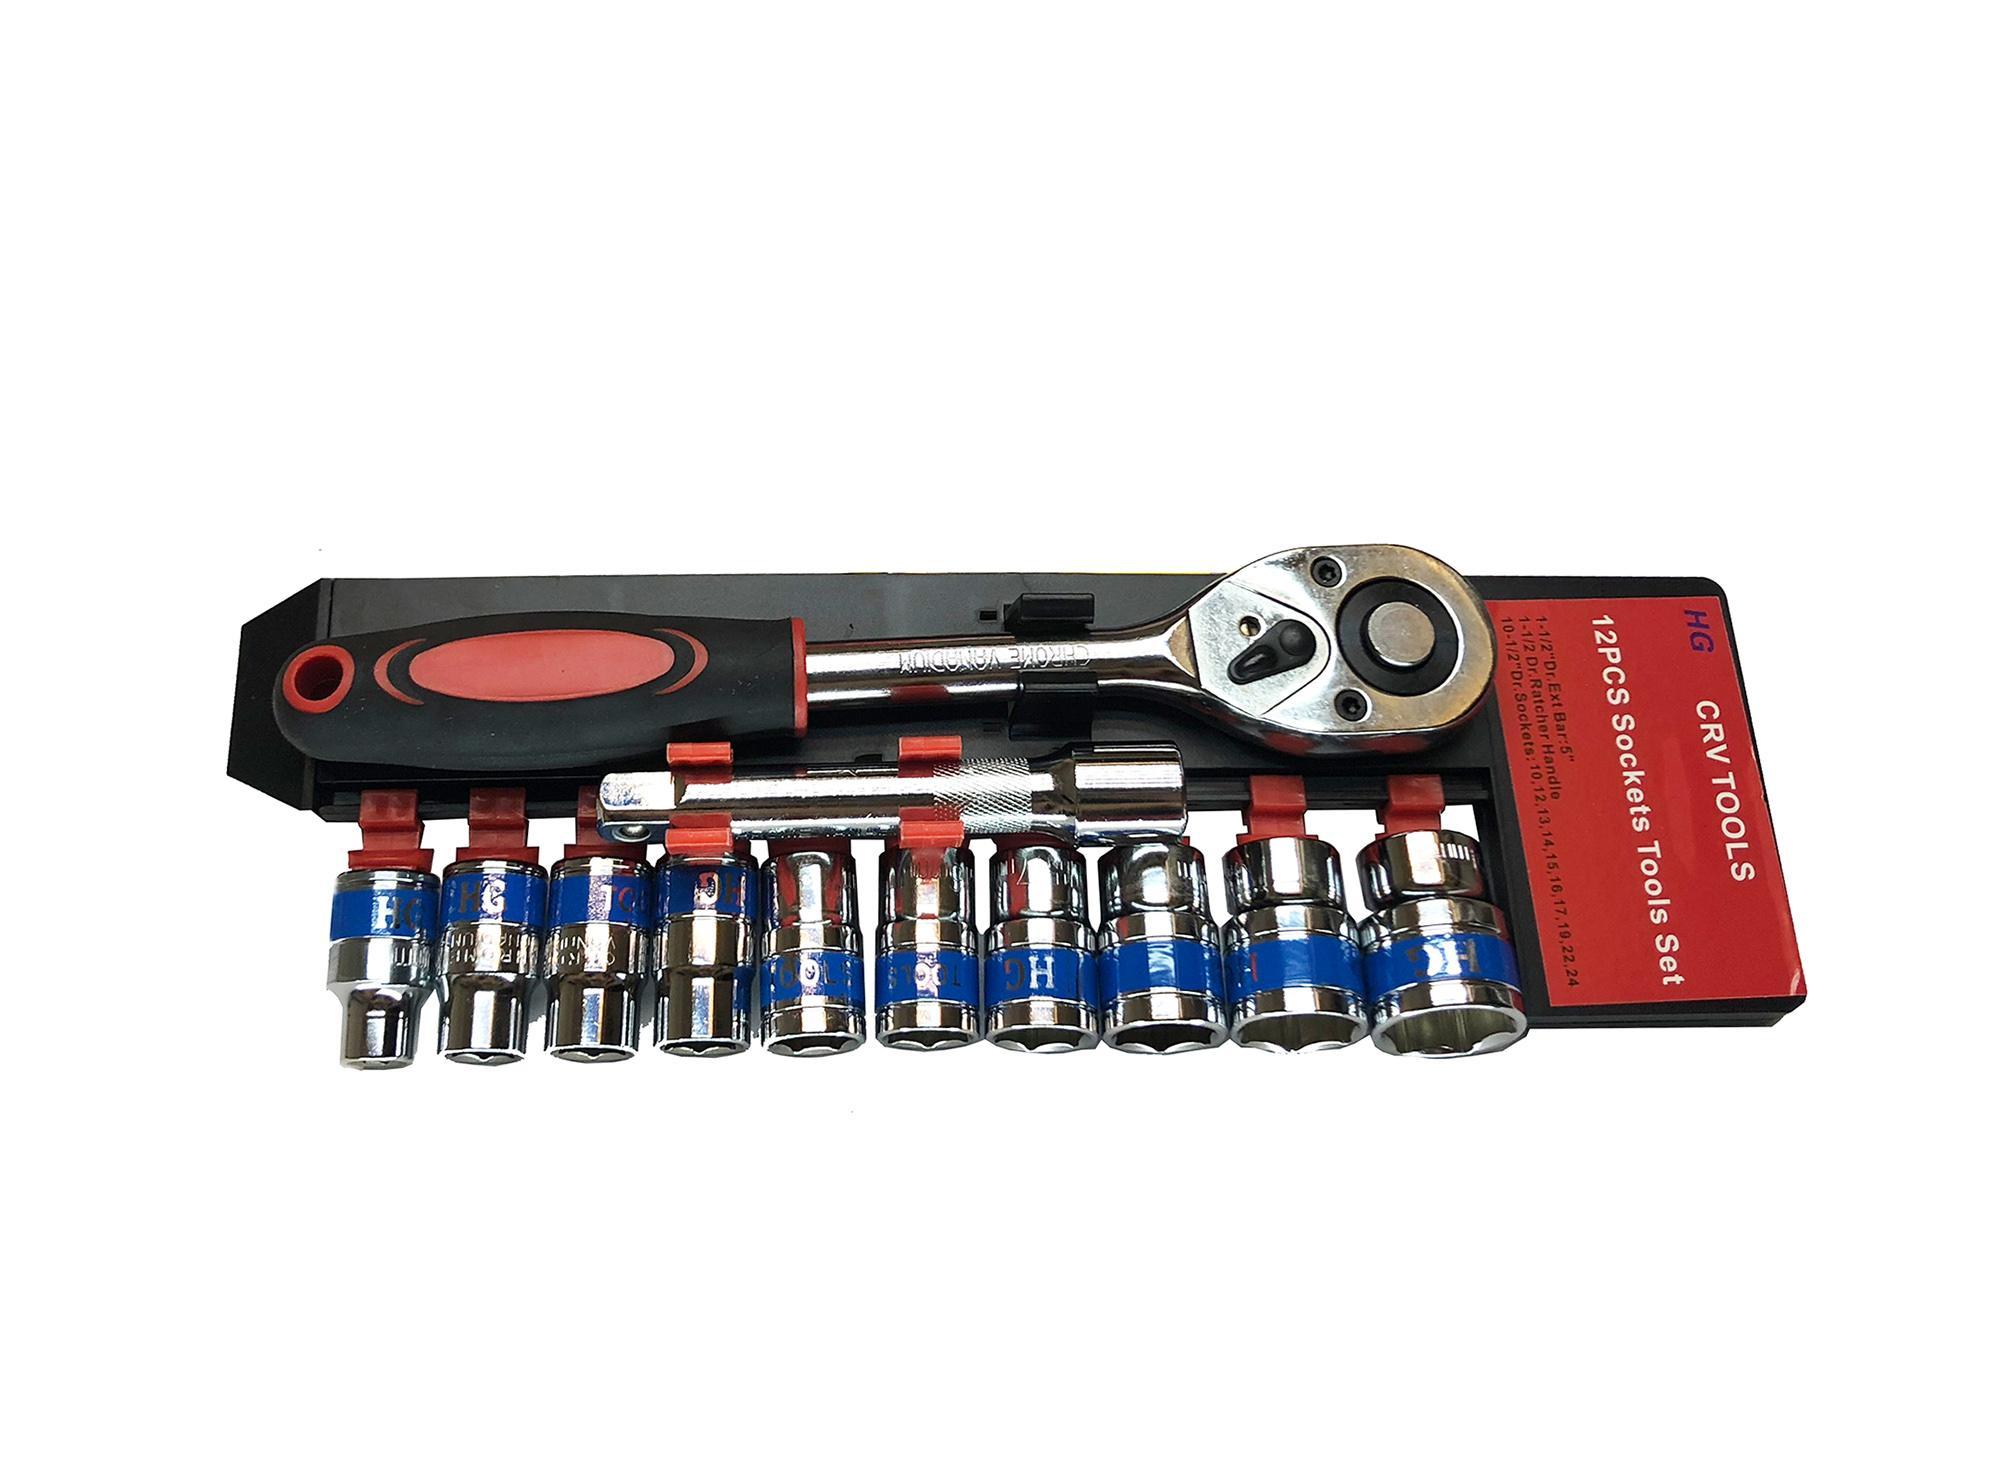 Bộ dụng cụ 1/2 mở bu lông, bộ khẩu mở ốc 1/2 đa năng 24mm - Loại tốt vặn không trờn